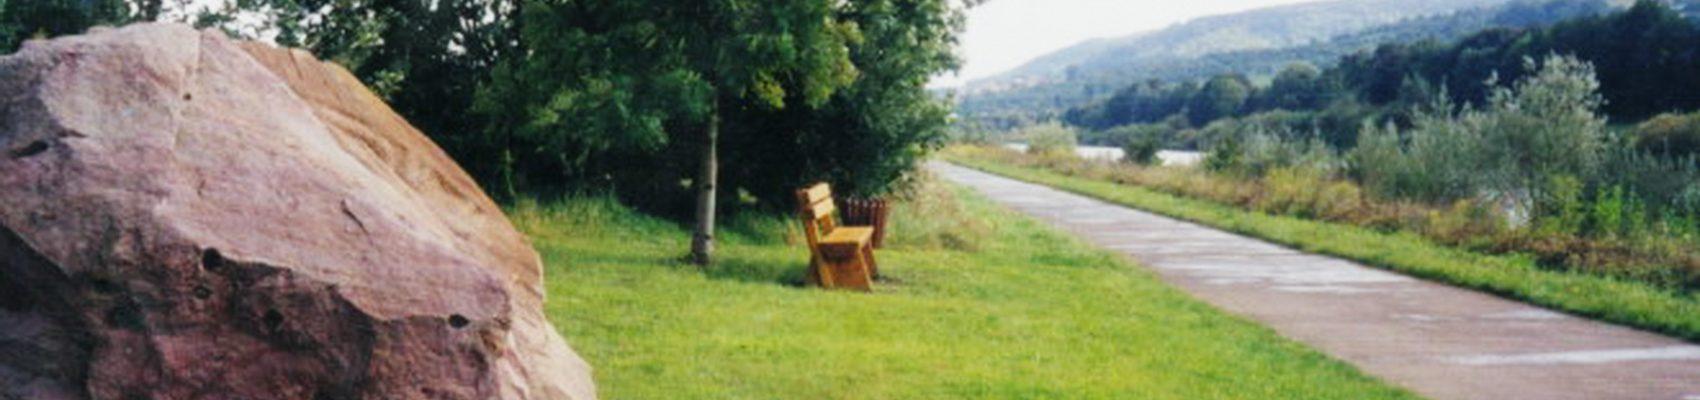 Sehenswürdigkeiten in Merzig: Steine und Pflanzen am Wasser – Pierres et plantes au bord de l'eau